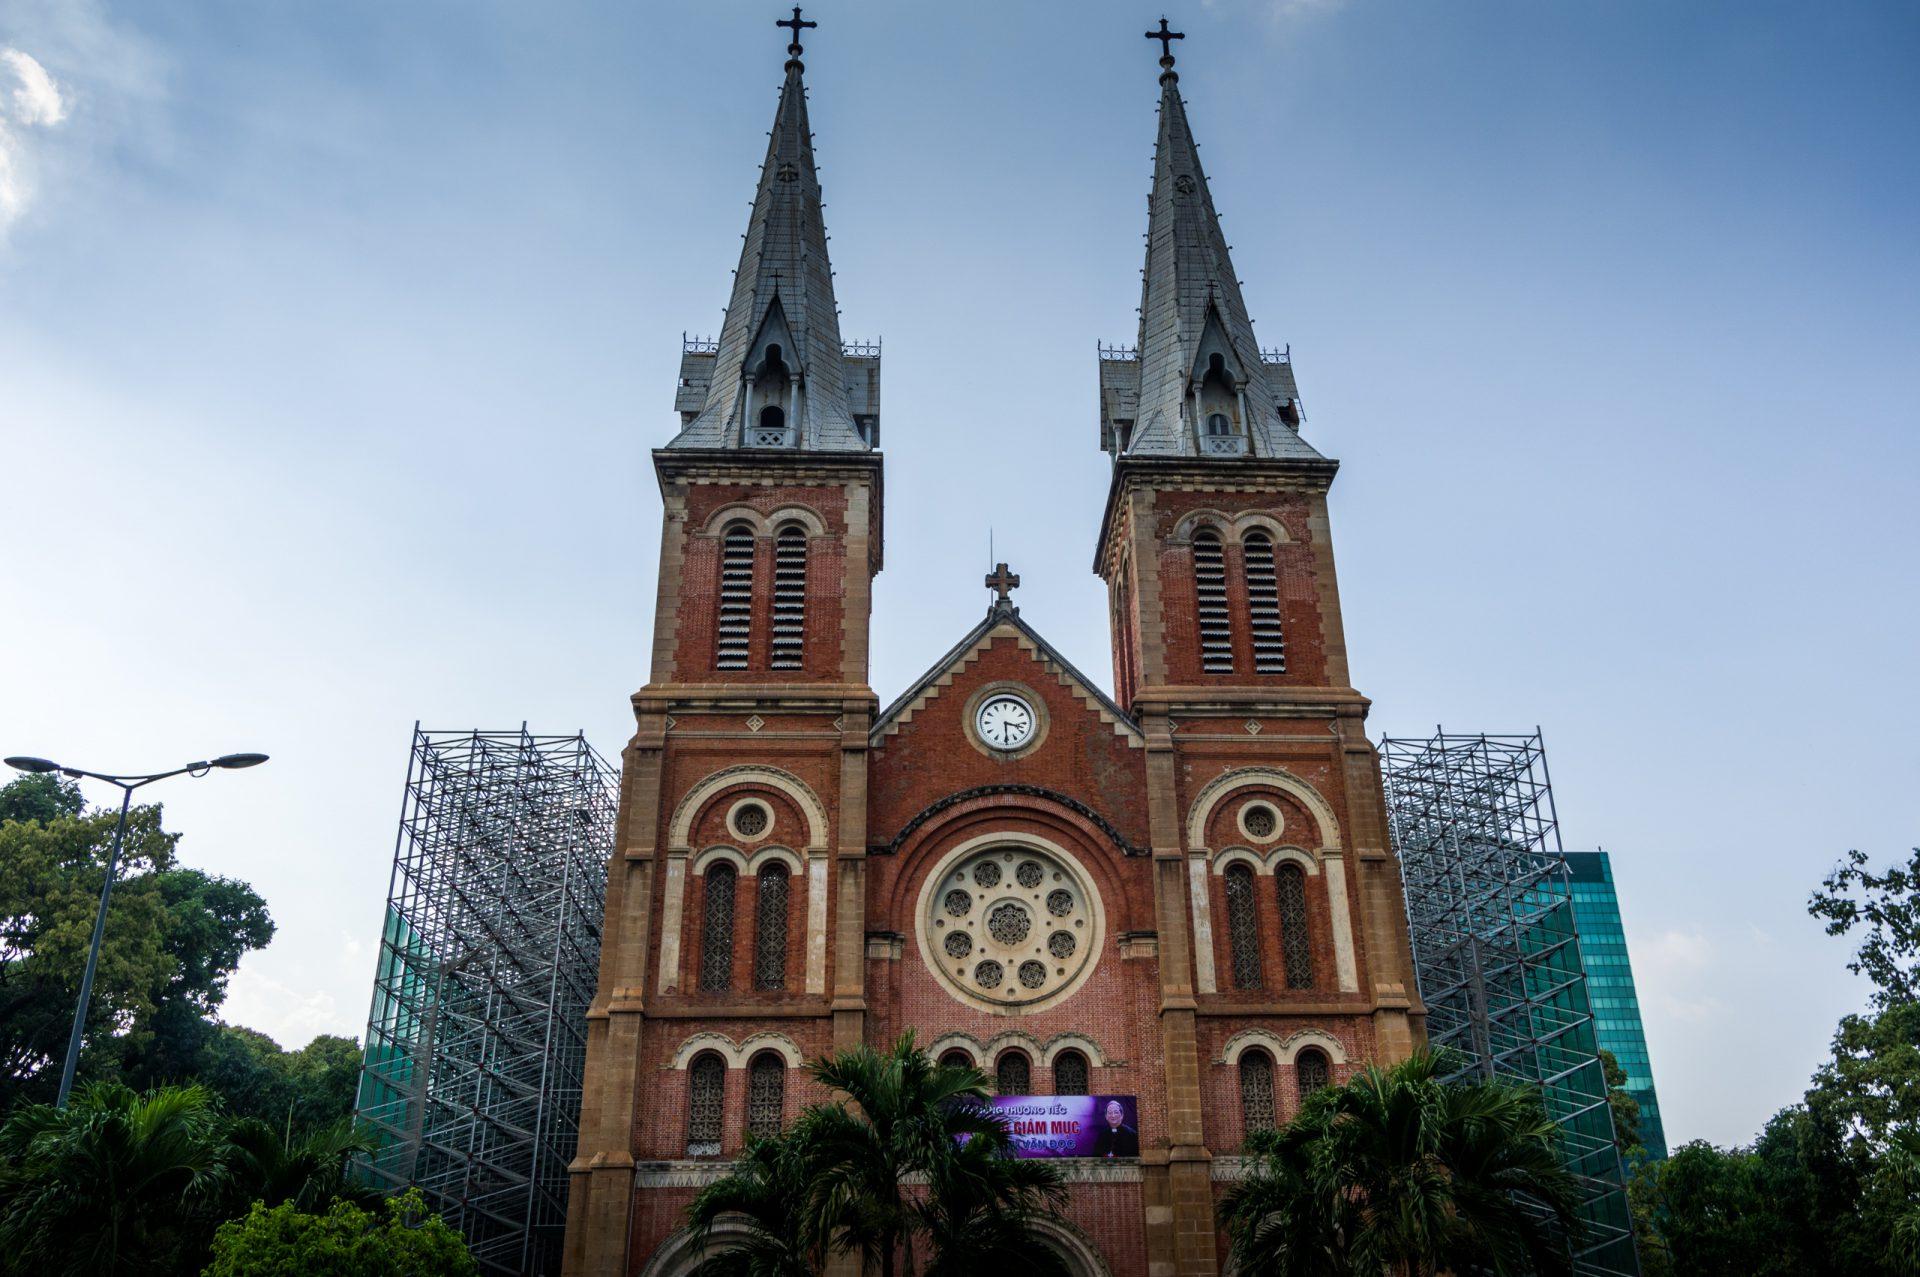 Leider Konnten Wir Die Bemerkenswerte Kathedrale Nicht Von Innen  Besichtigen, Da Grade Renovierungsarbeiten Auf Hochtouren Laufen. Während  Der Arbeiten Ist ...